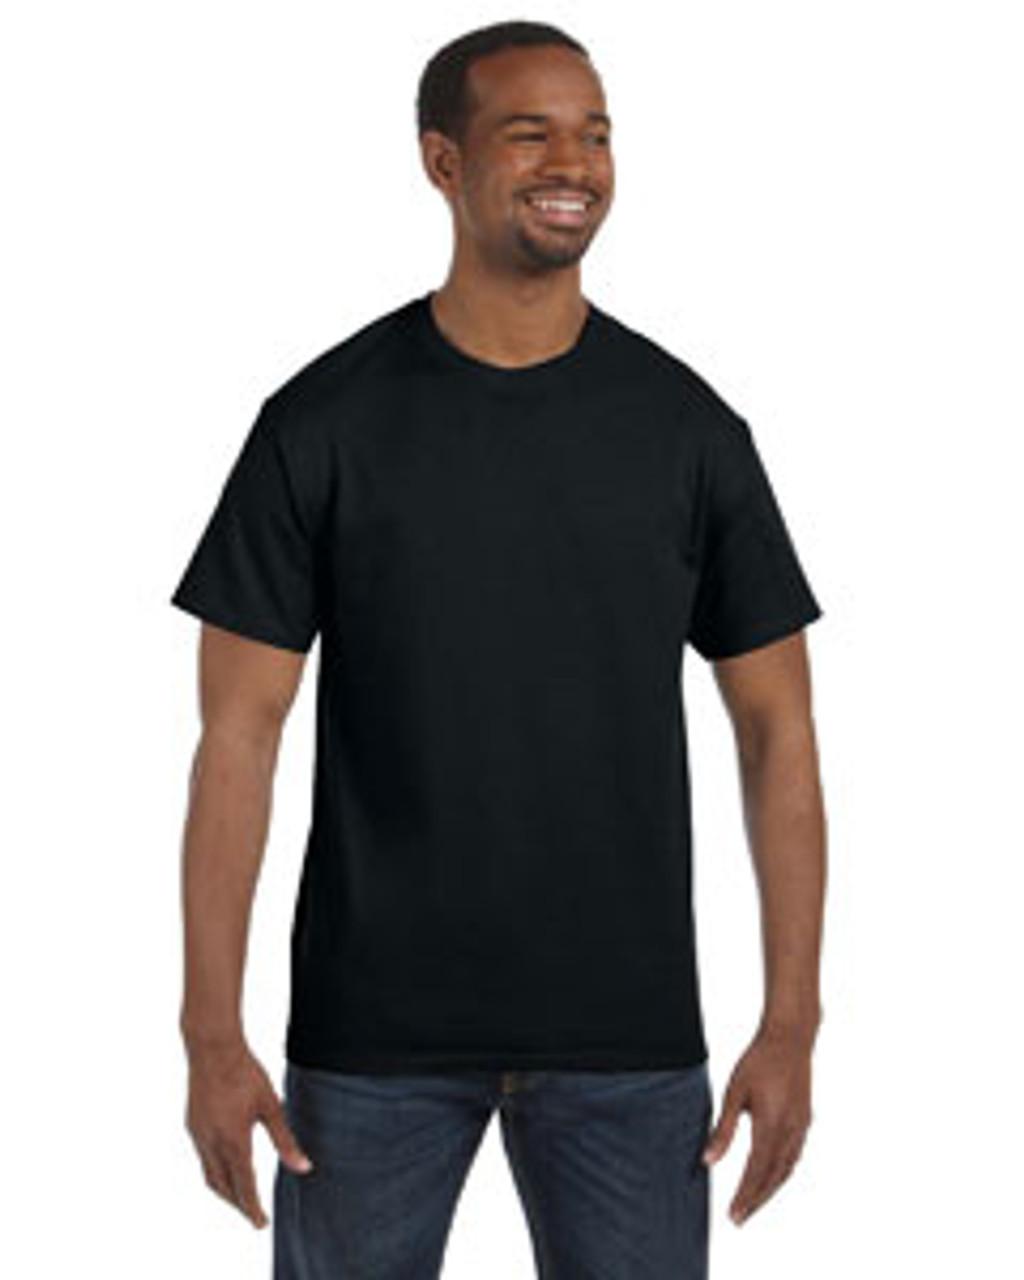 dc6cc9a2a9 Irregular Mill Grade T-shirts Colors 12 pcs Pack